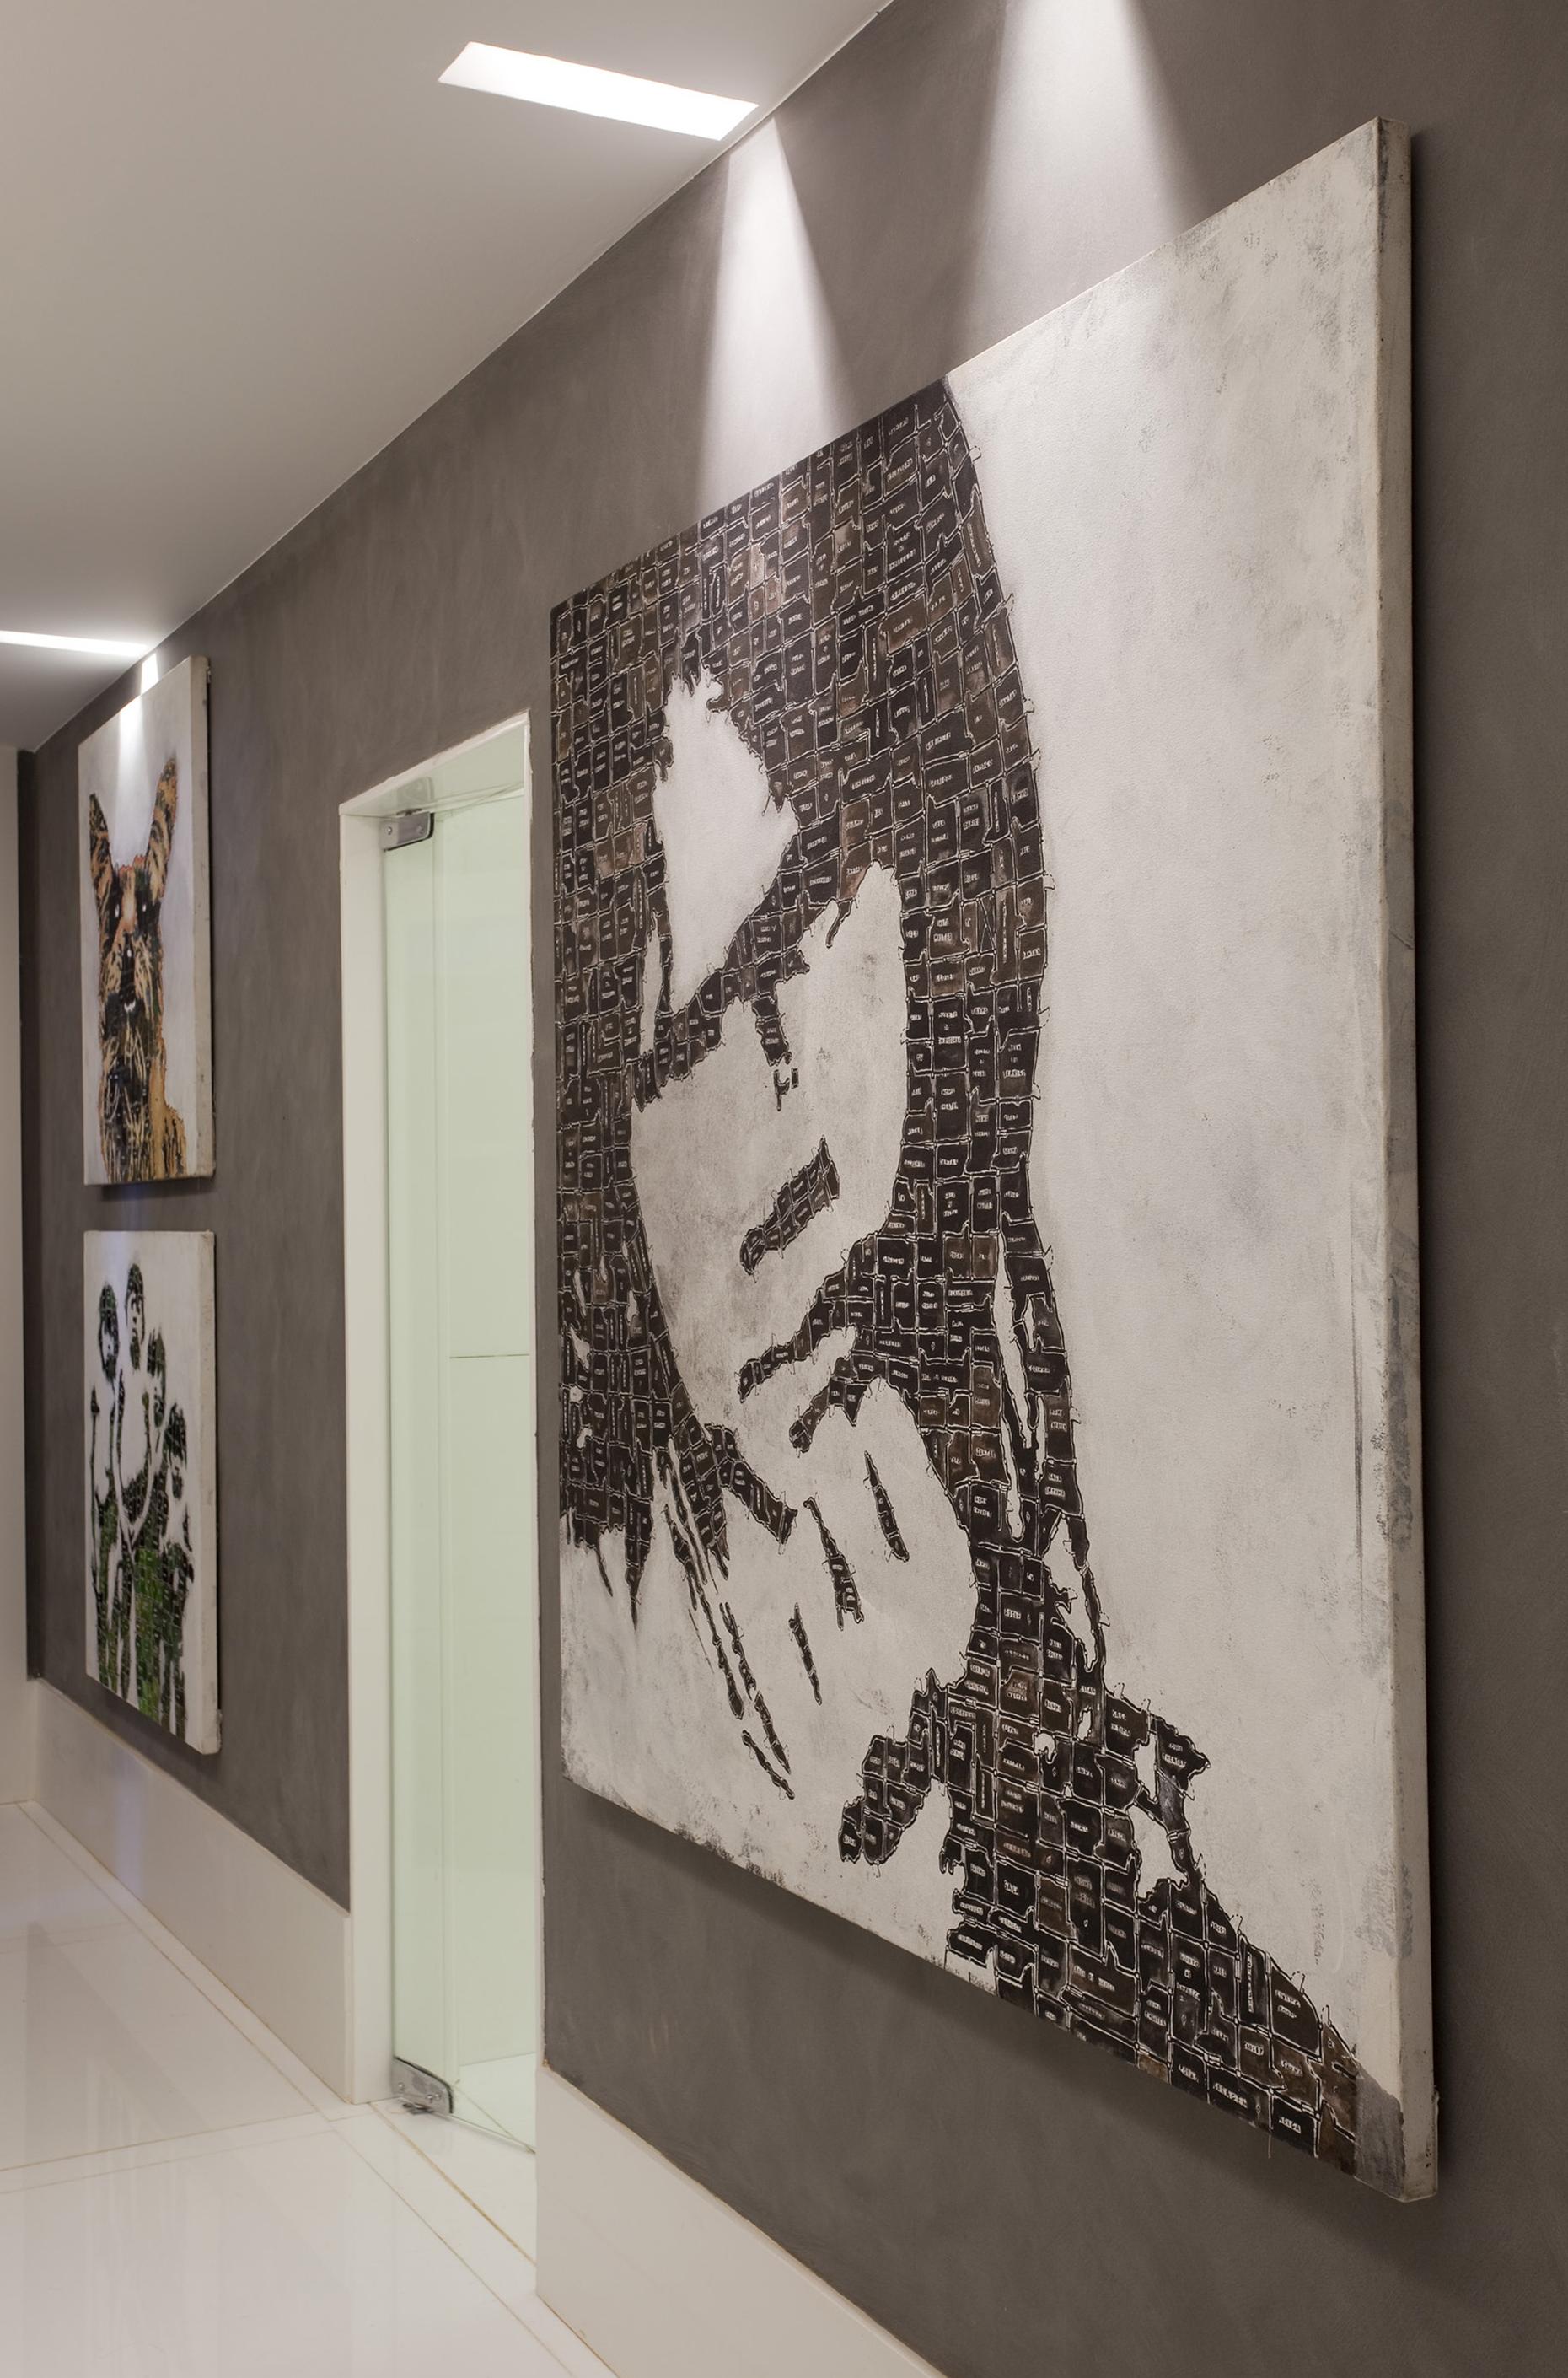 Obras de arte na circulação do andar